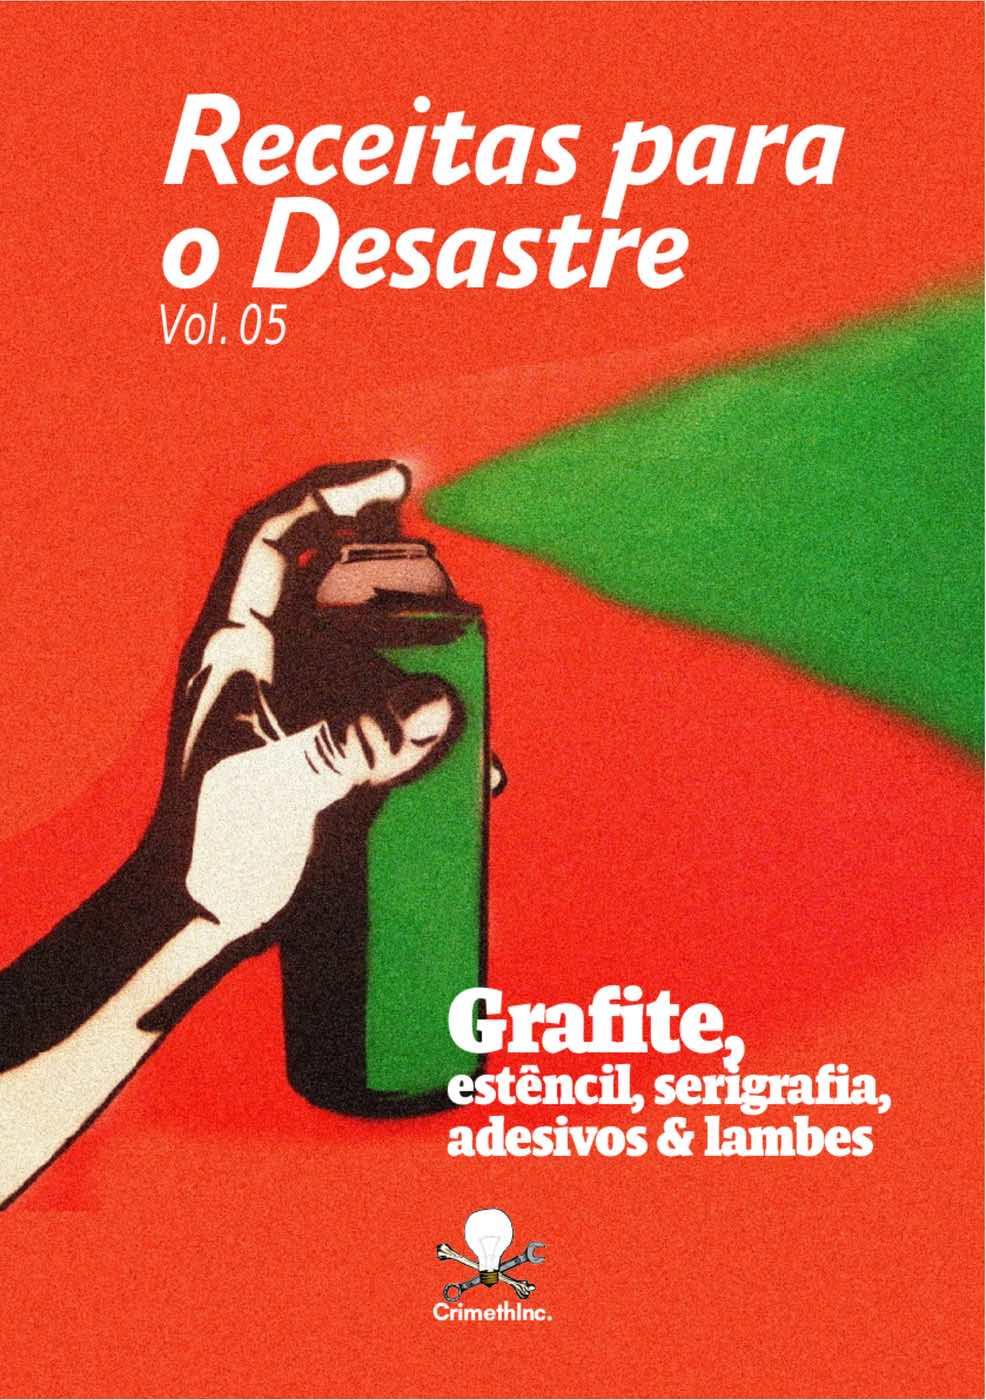 Photo of 'Receitas para o Desastre Vol. 05 (Portugues Brasileiro)' front cover